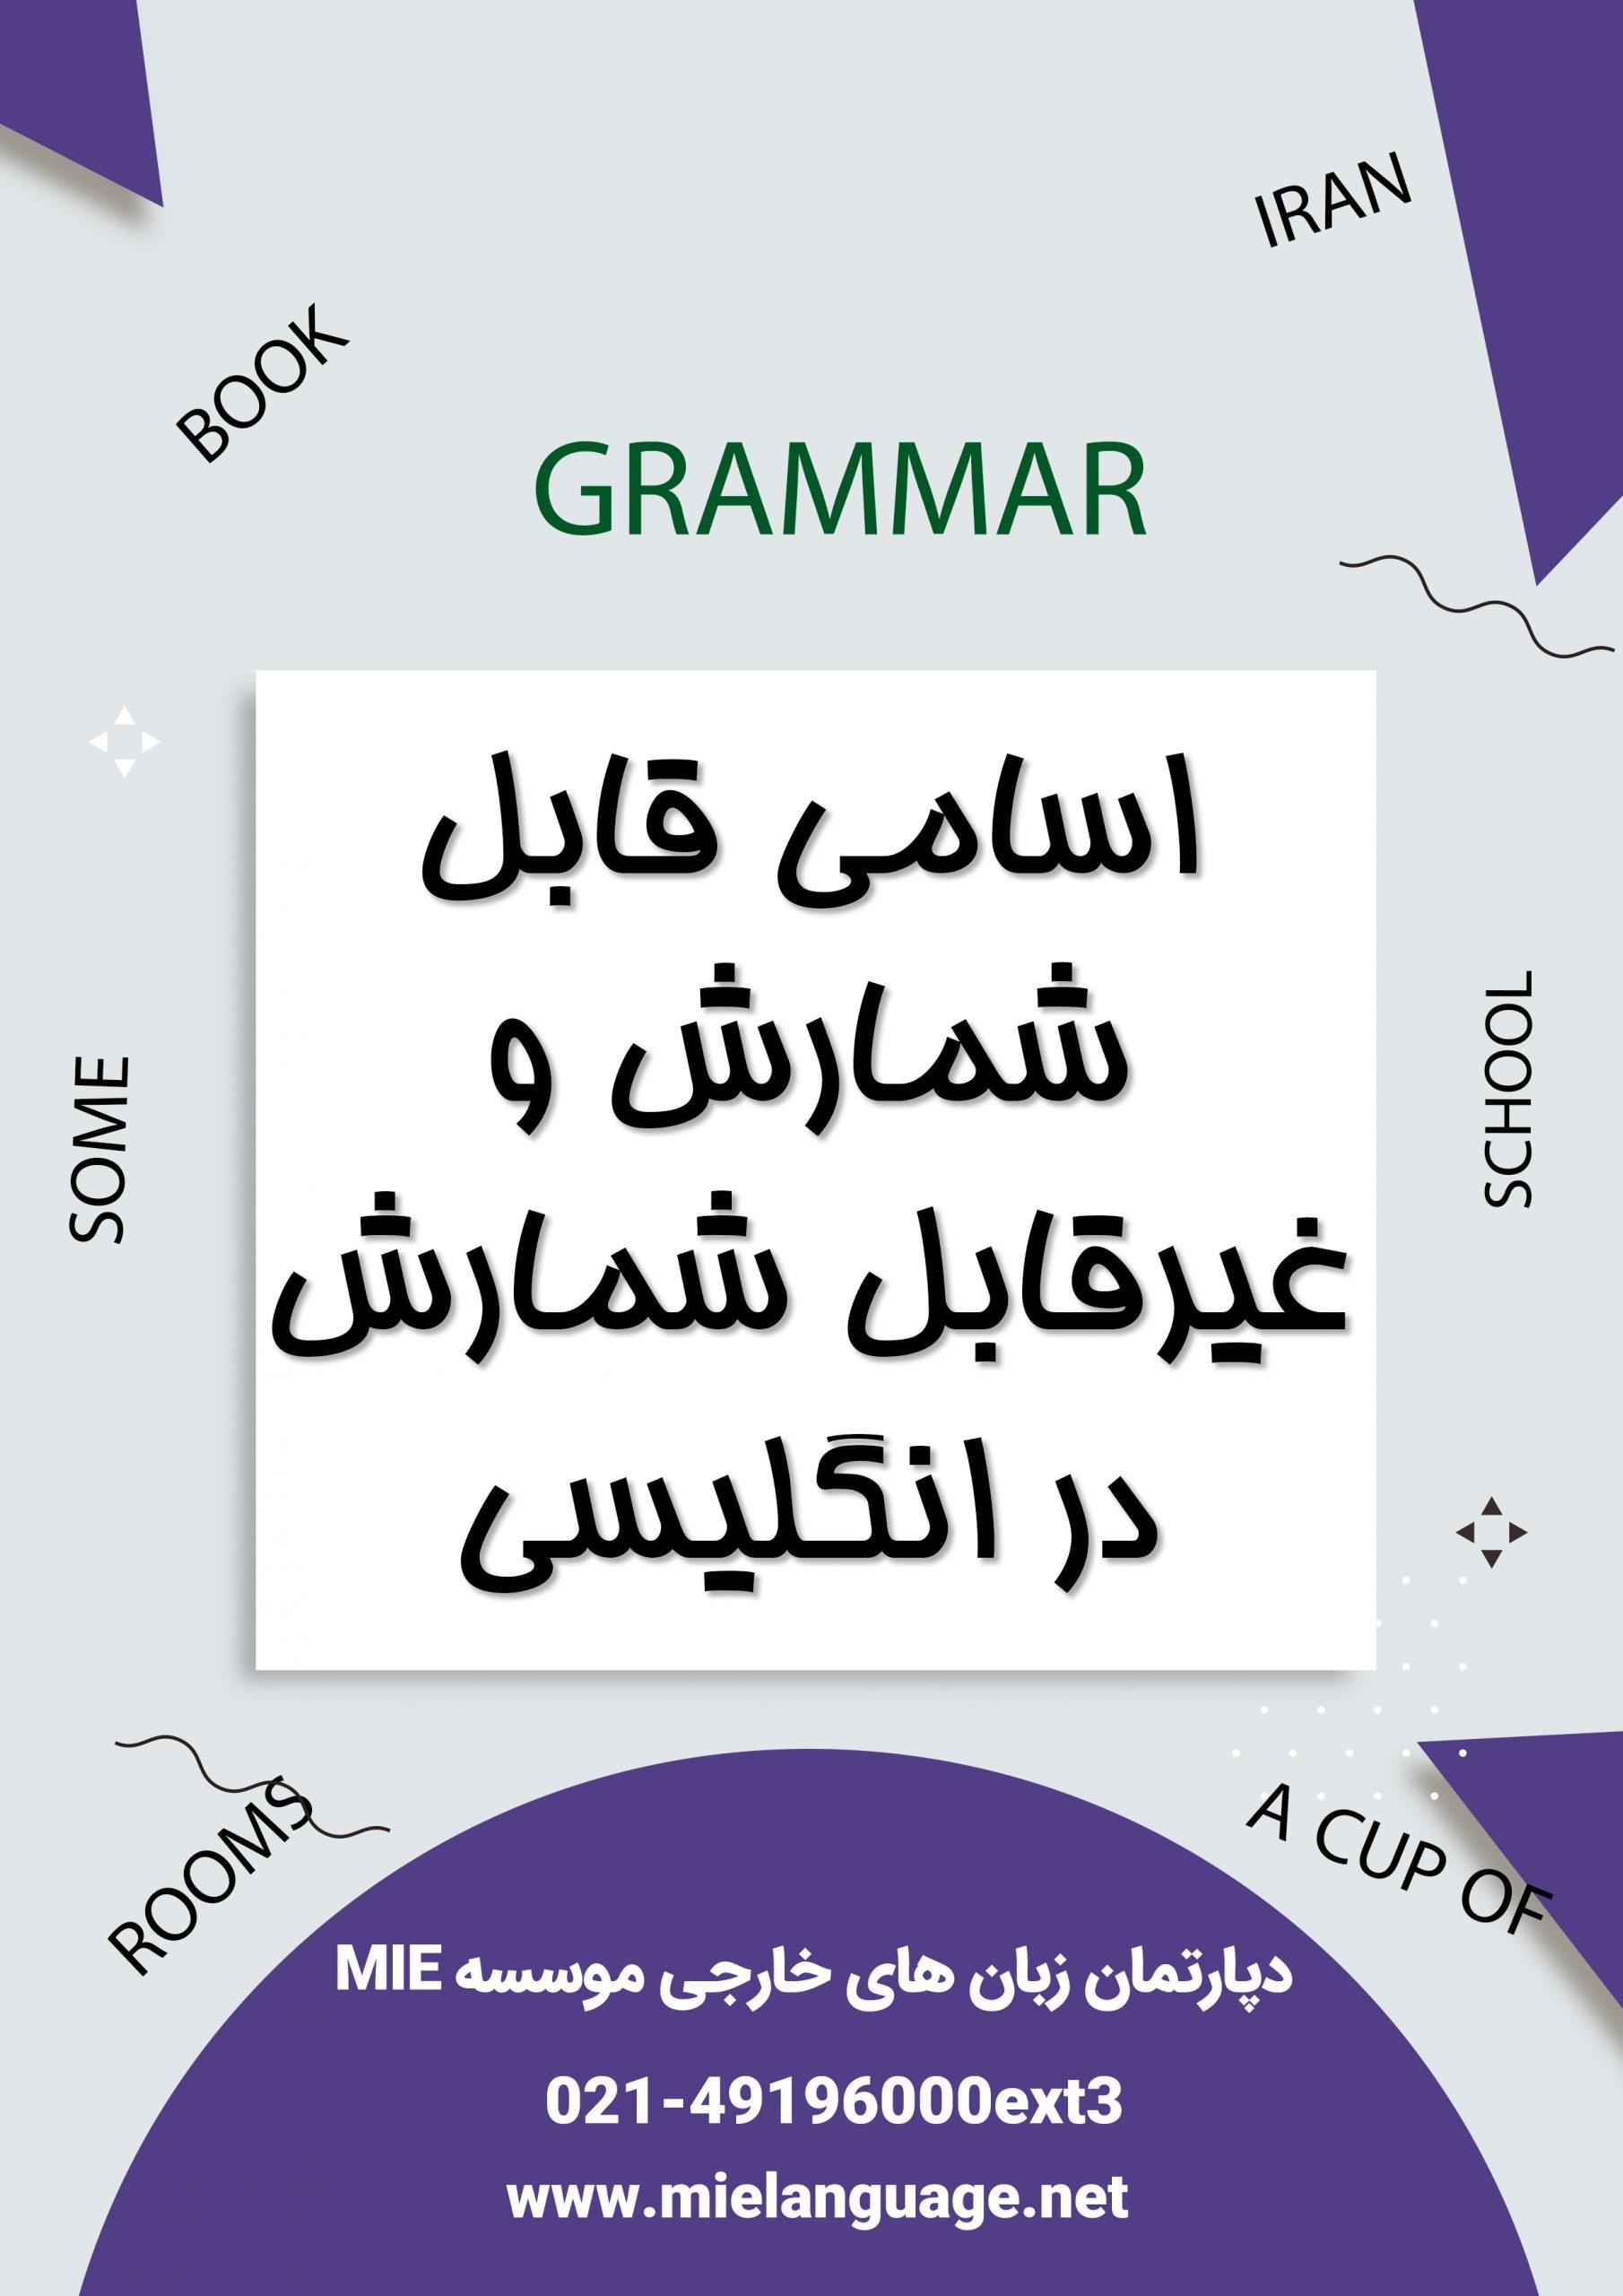 ساده ترین روش یادگیری اسم قابل شمارش و غیر قابل شمارش در زبان انگلیسی